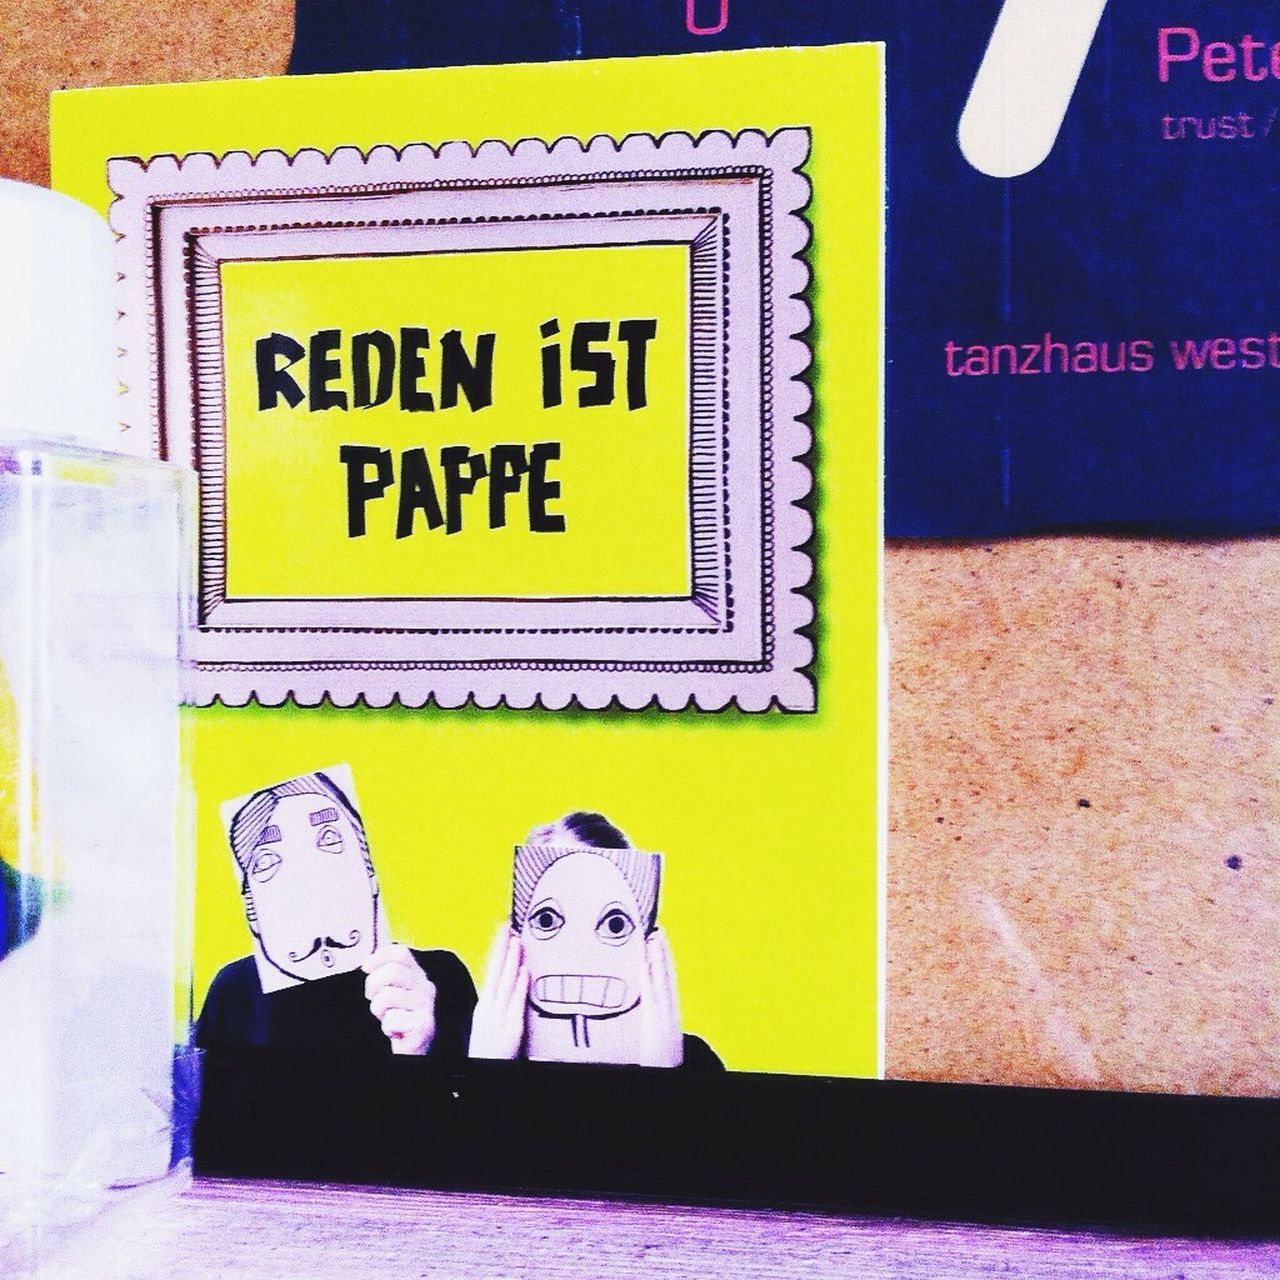 Collected Community Visual Statements Postcard Reden Ist Silber - Schweigen Ist Gold Pappe In The Kitchen Zeitverschwendung Man And Woman are vom Leichtsinn und Überraschung s Effekt geplagt